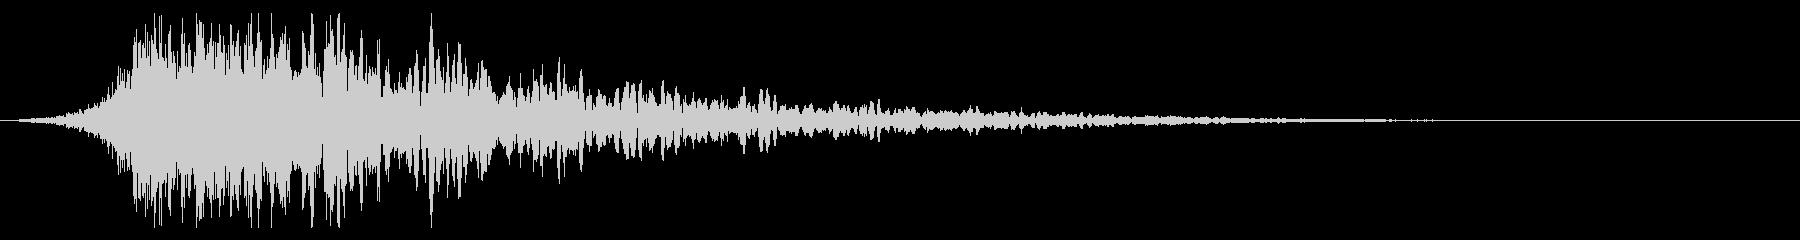 シュードーン-56-1(インパクト音)の未再生の波形